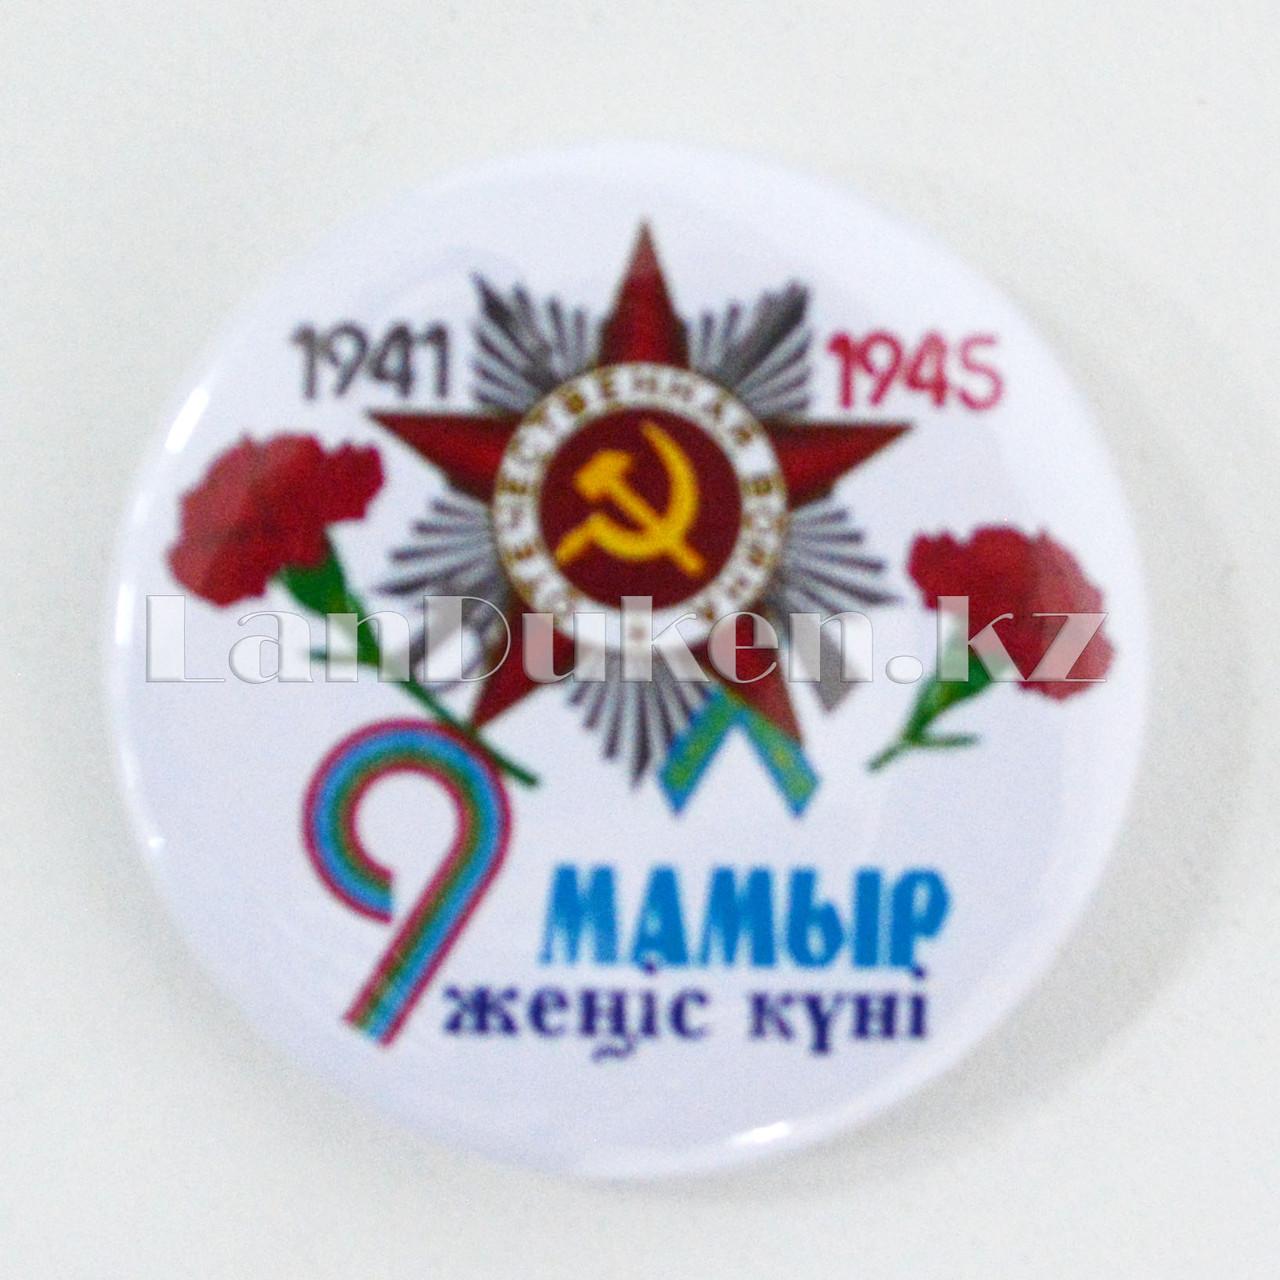 Значок 9 мамыр 1941-1945 d=44 мм - фото 1